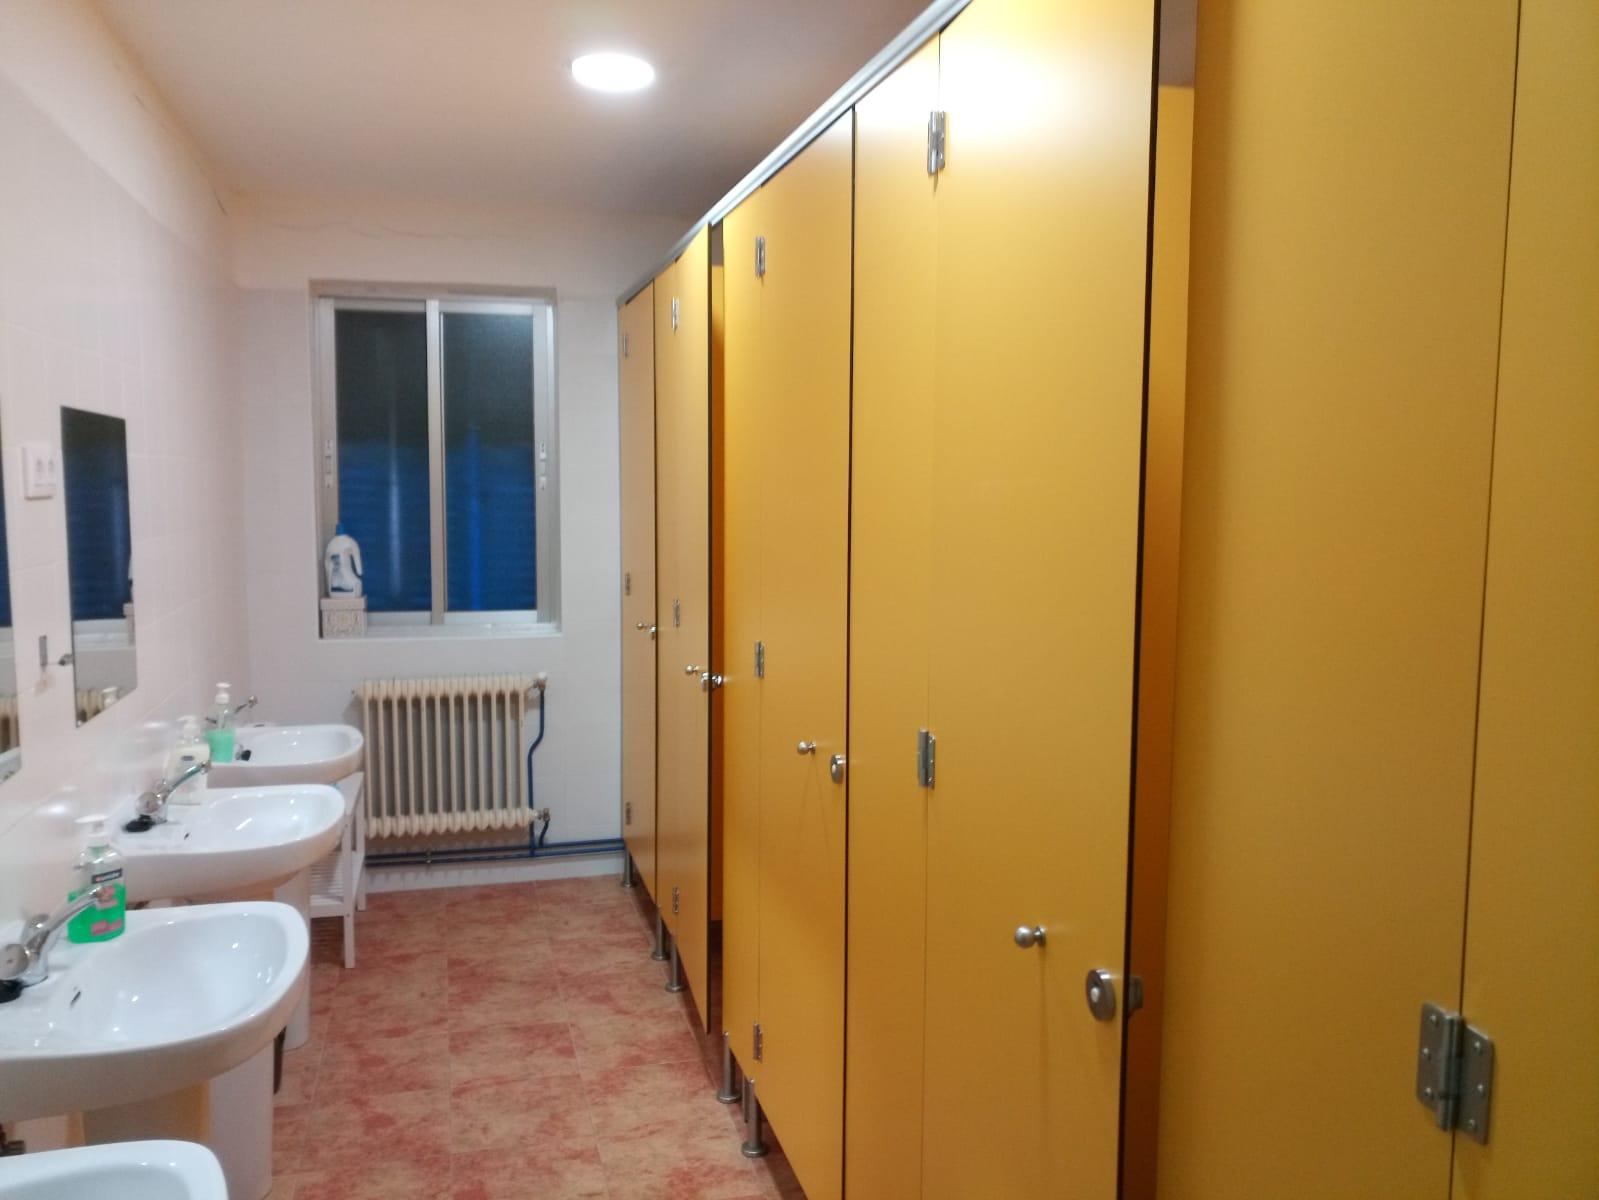 Baños y duchas